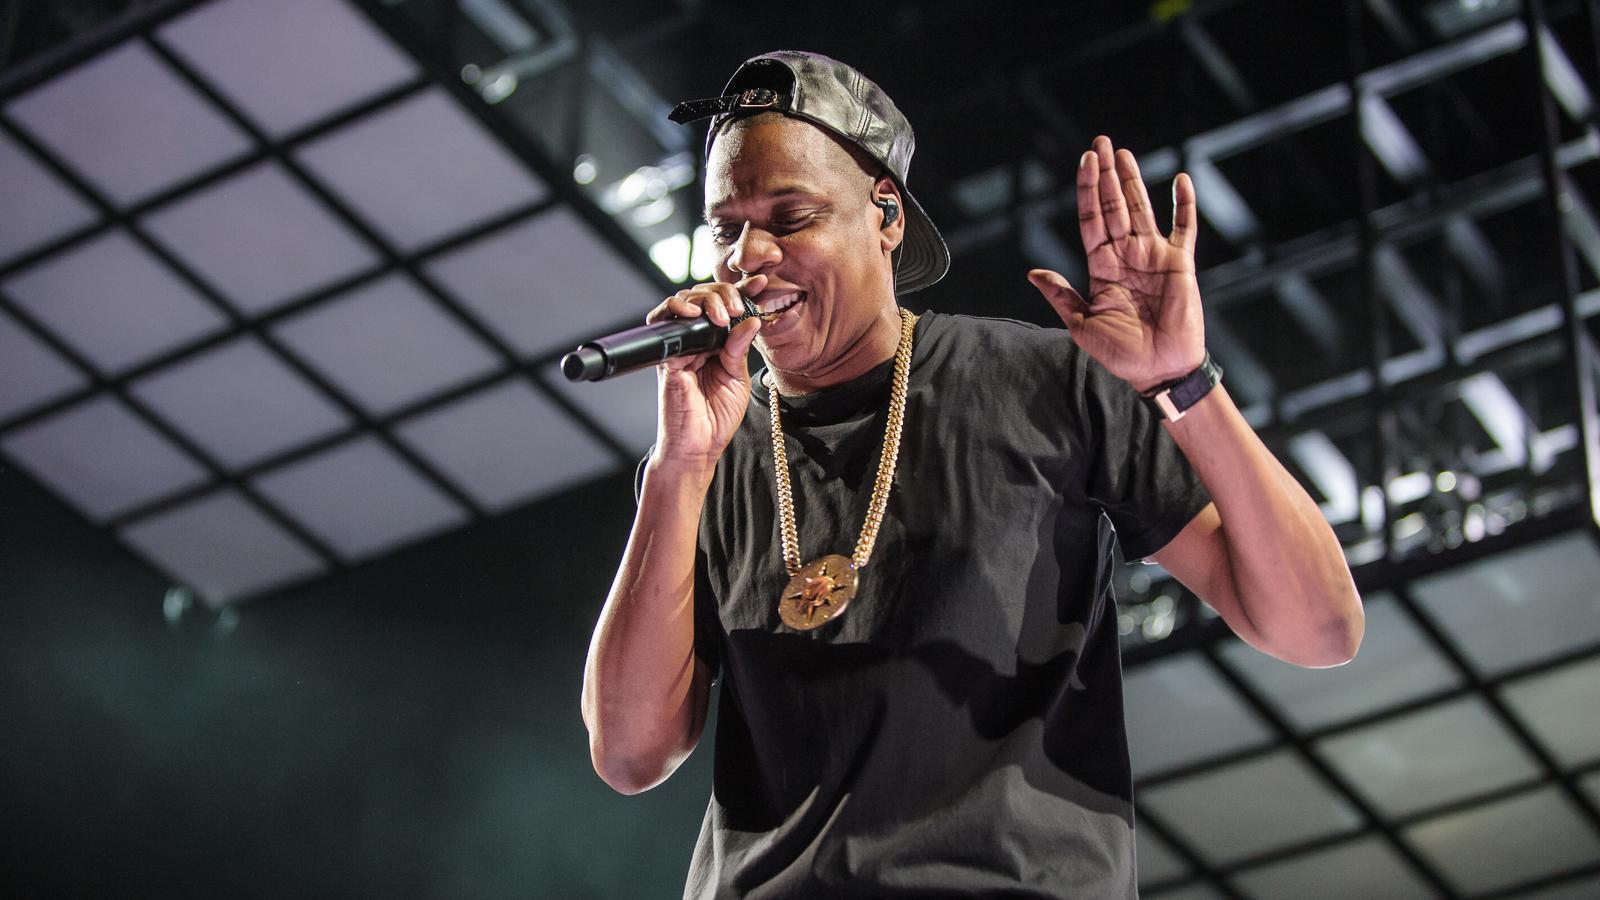 I M A Business Man The Ultimate Jay Z Playlist Yardbarker